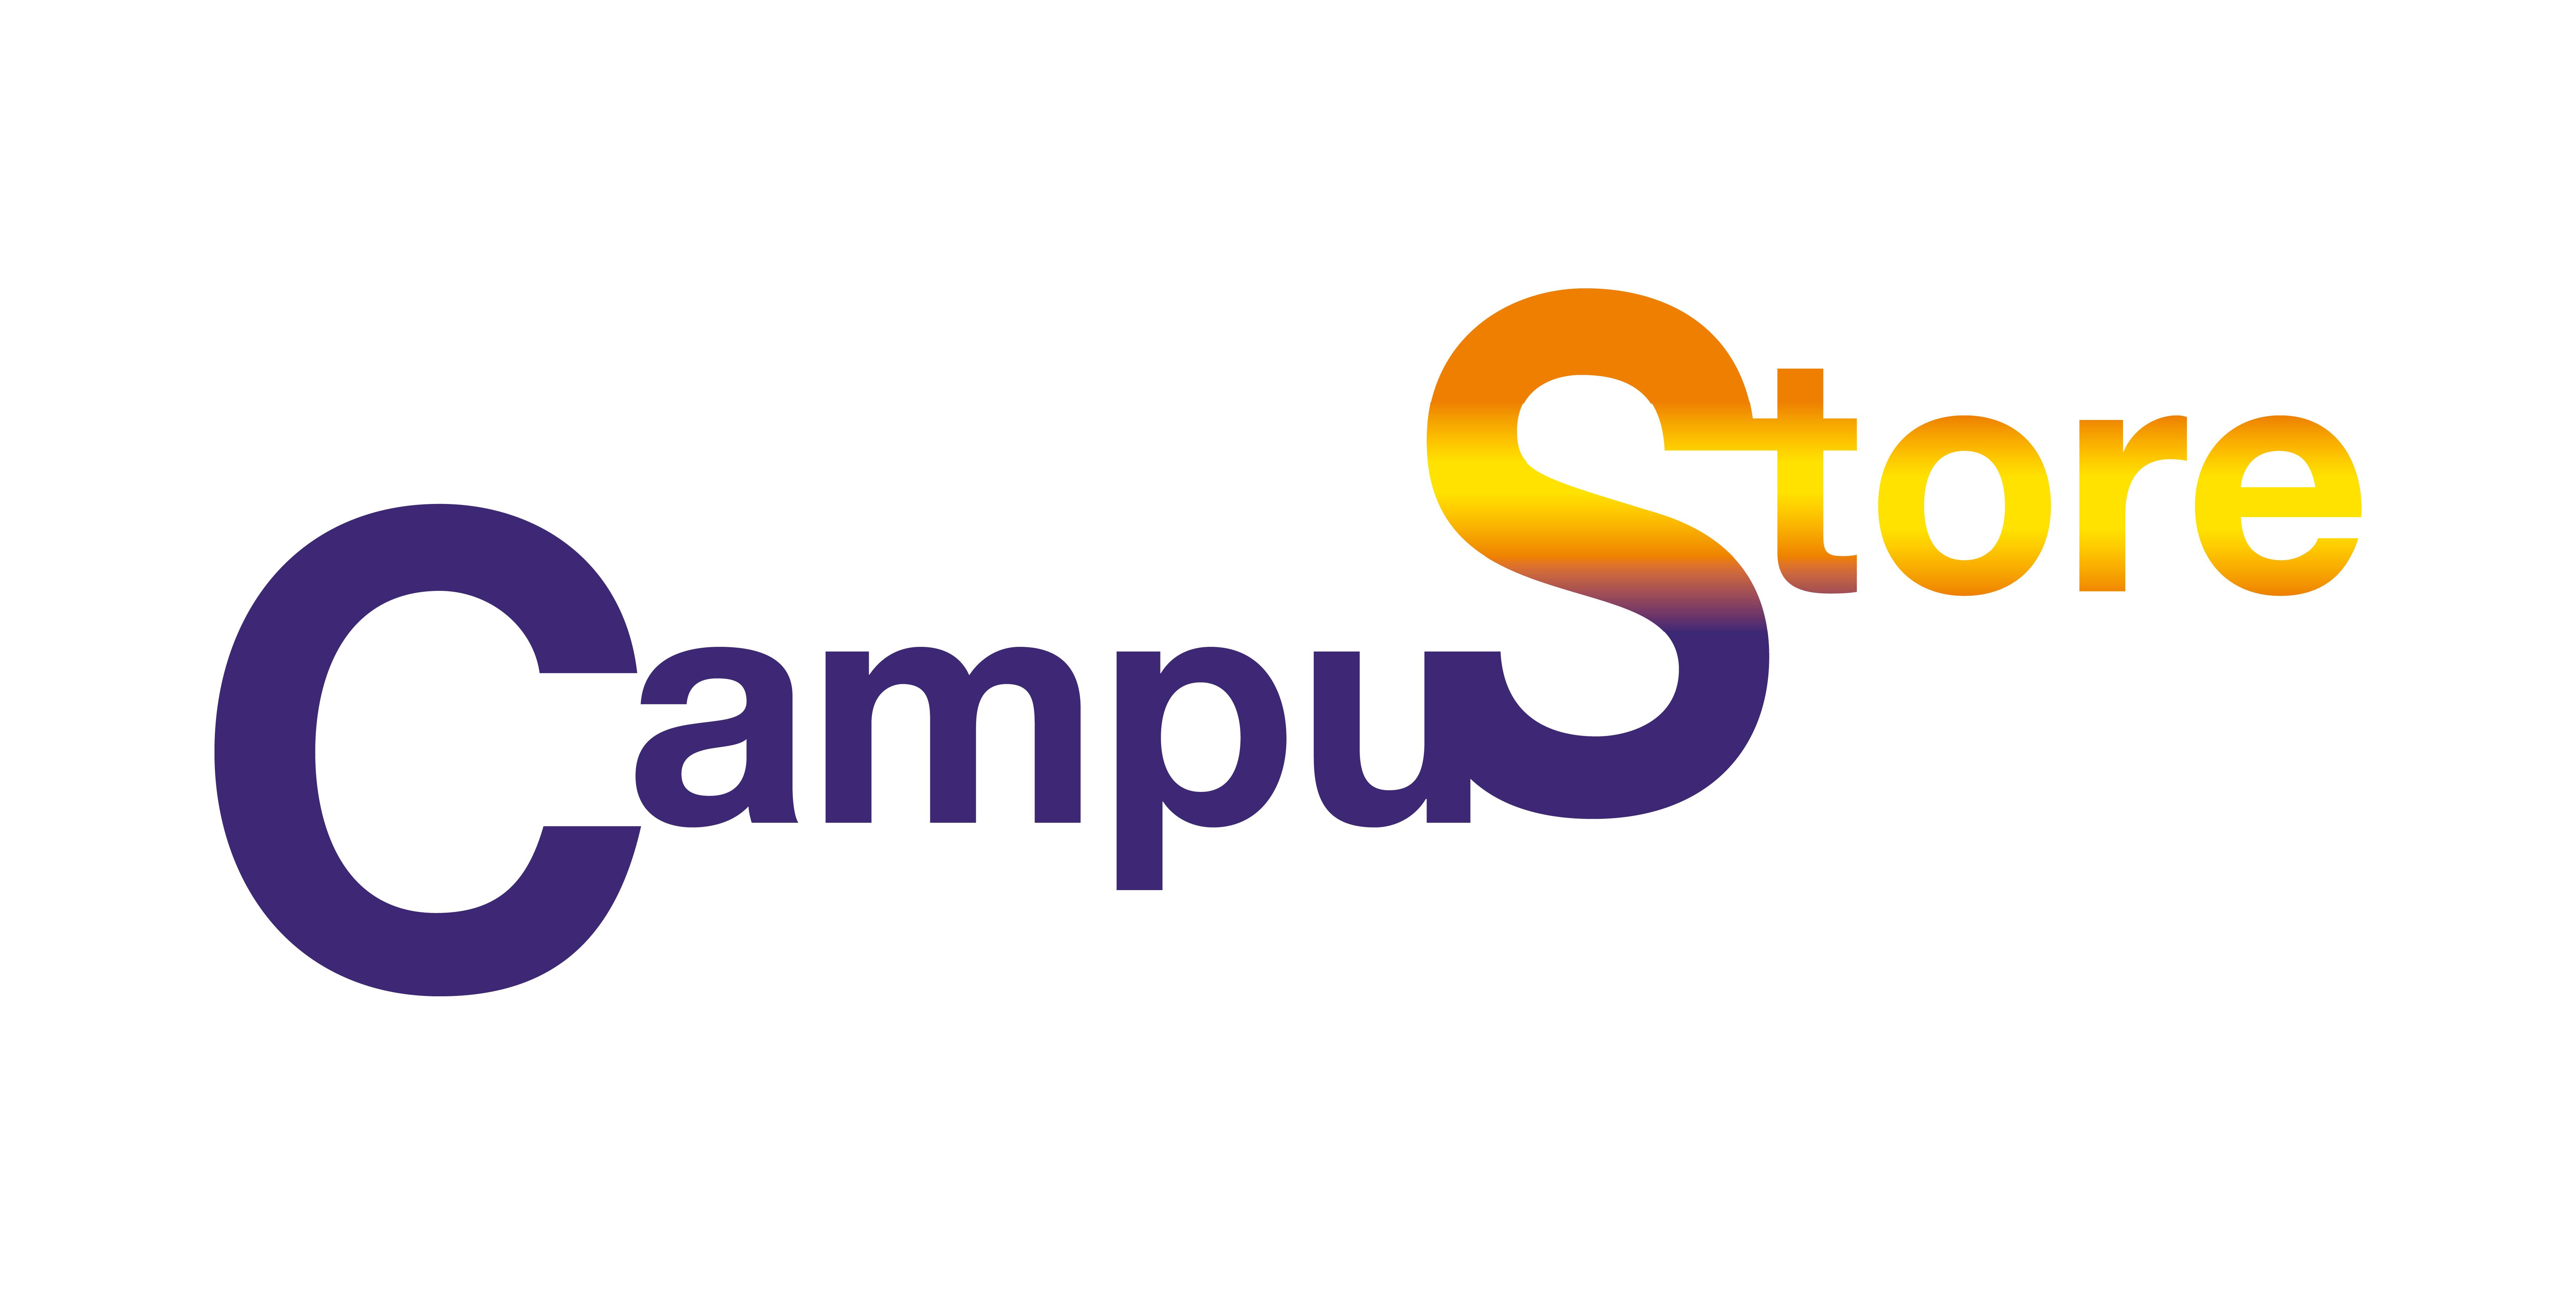 Campustore logo uff 2013